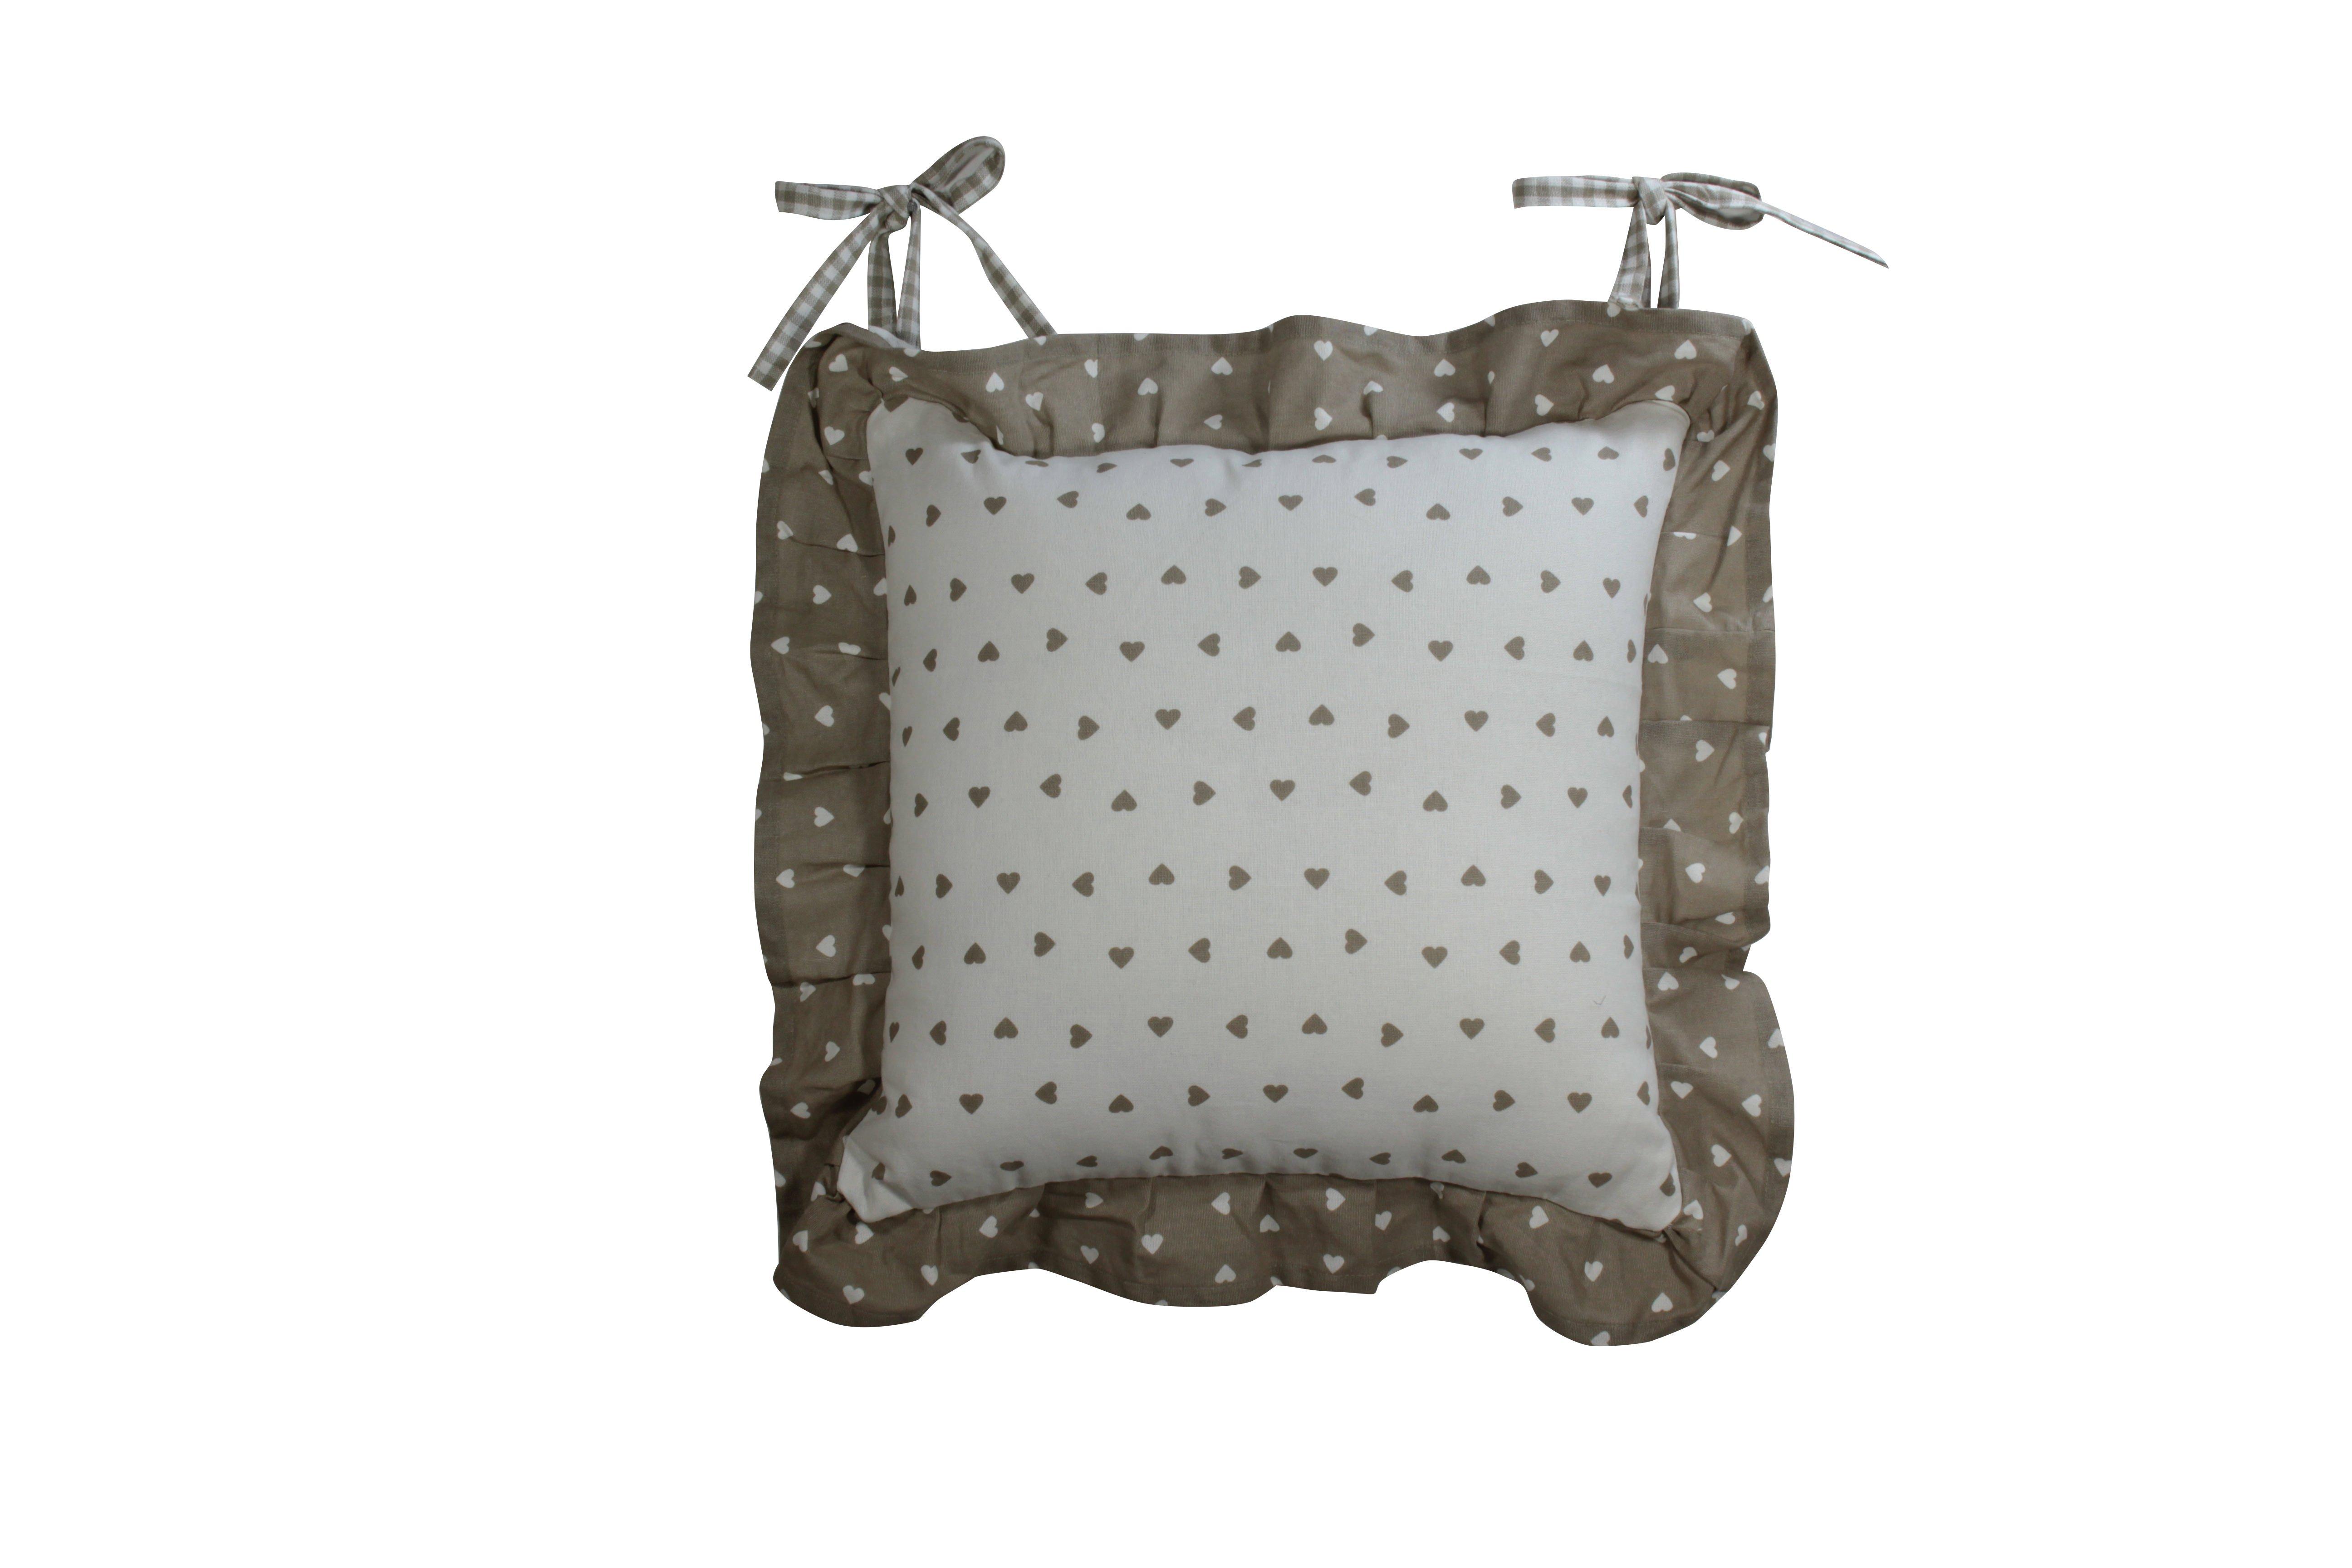 Cuscino emma plissettato per sedia cuoricino nocciola 40 - Pasqualetti home decor ...